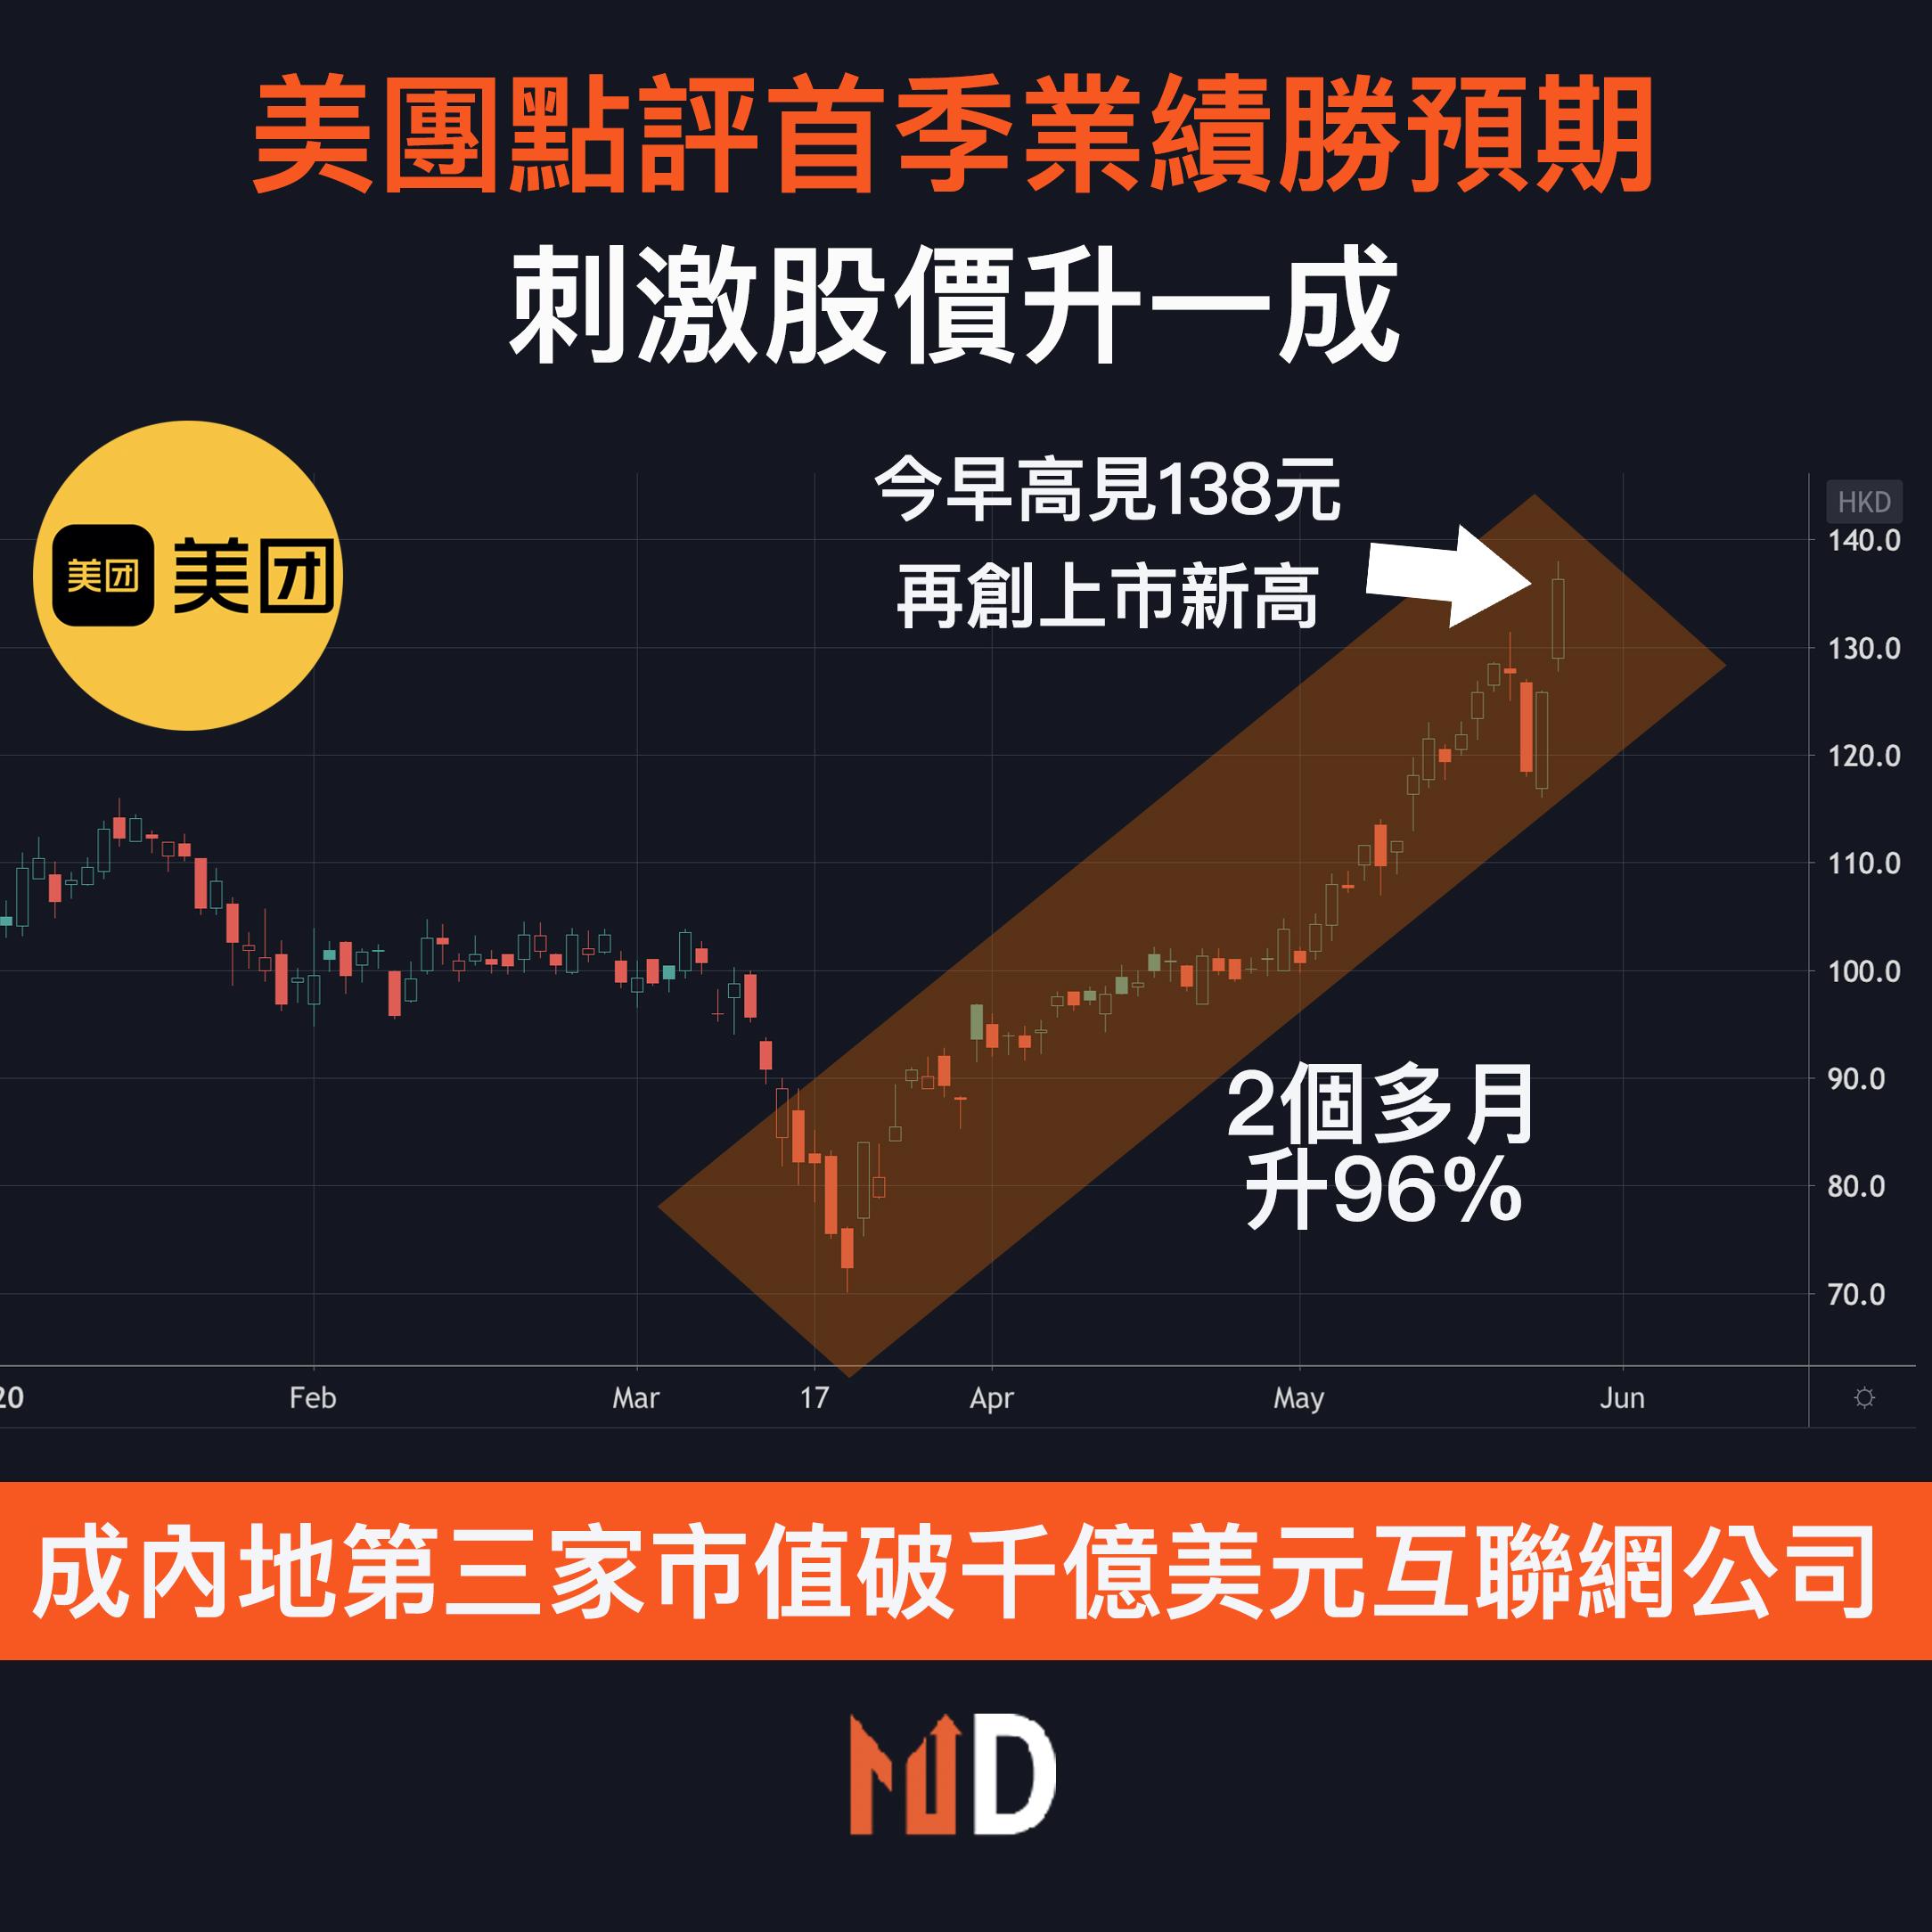 【市場熱話】美團首季勝預期刺激股價升一成,成內地第三家市值破千億美元互聯網公司